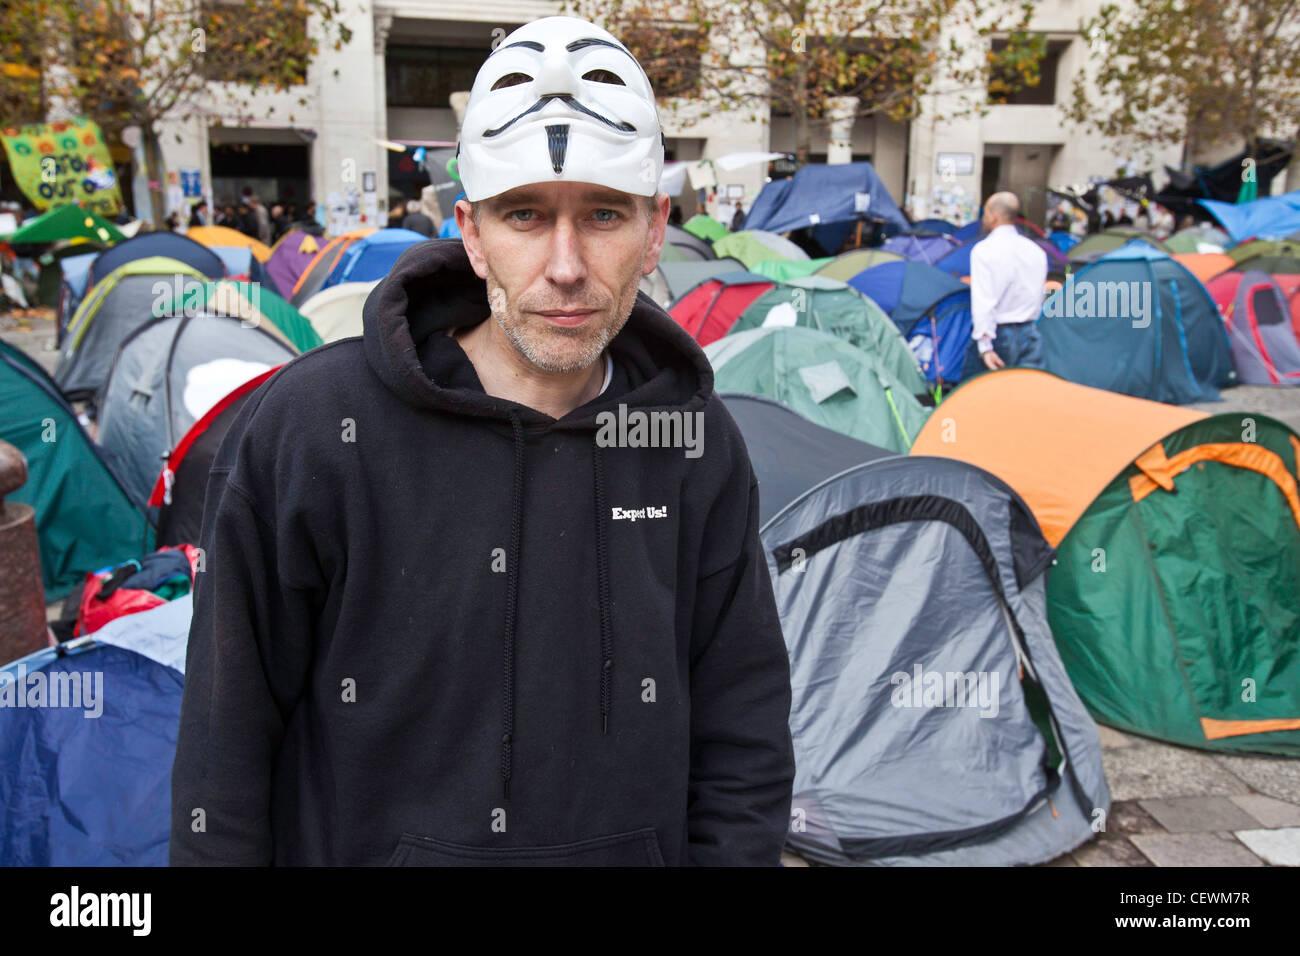 Protester a occupare Londra OSLX protesta. Immagini Stock